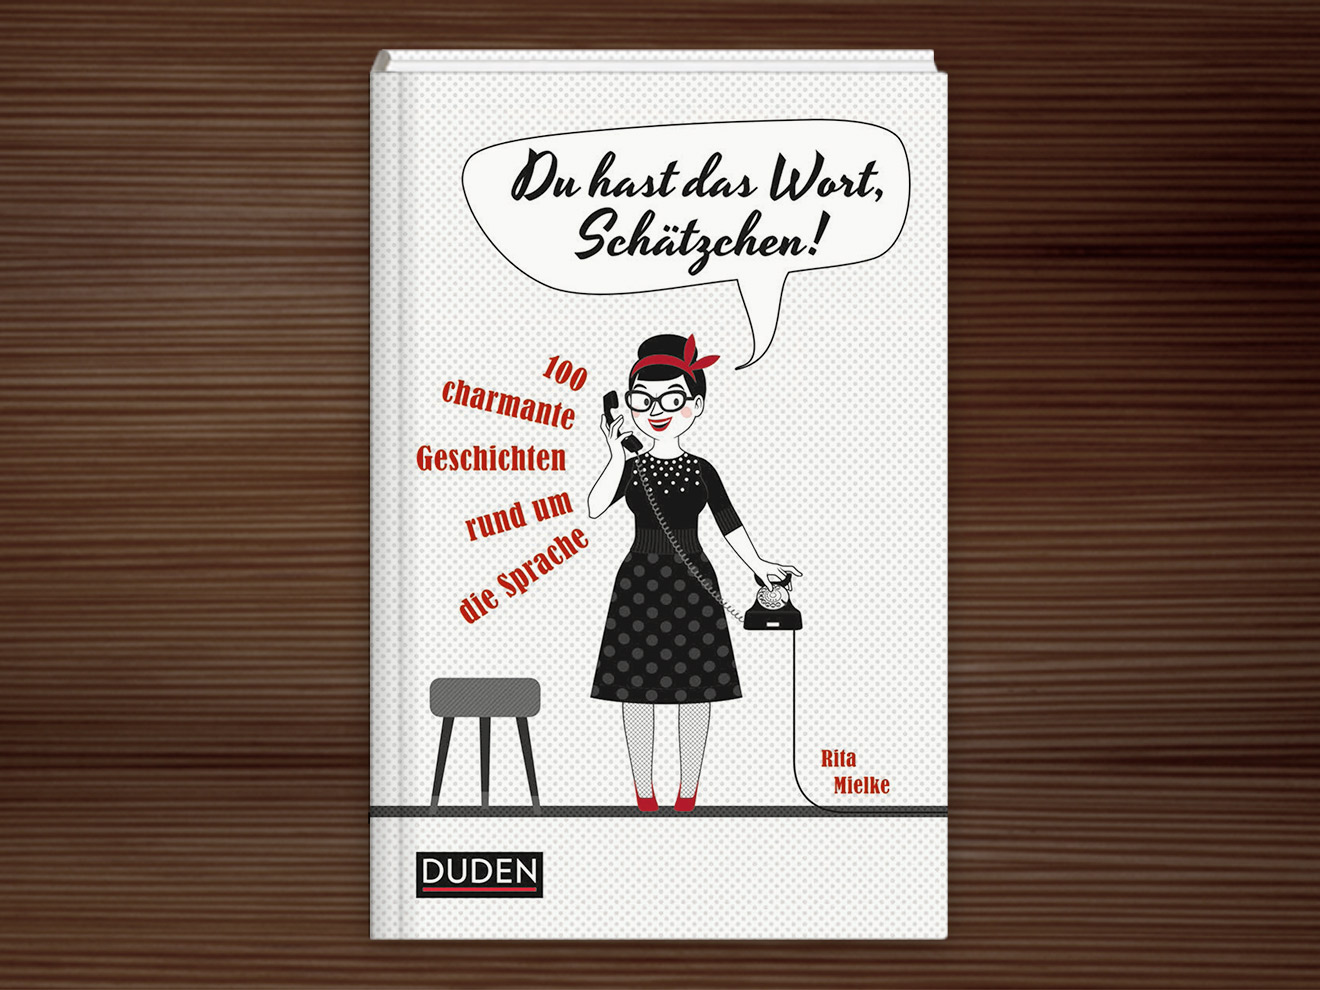 Umschlagmotiv für Du hast das Wort, Schätzchen! 100 charmante Geschichten rund um die Sprache im Duden Verlag von Rita Mielke mit Illustrationen im Sixties-Stil von Iris Luckhaus